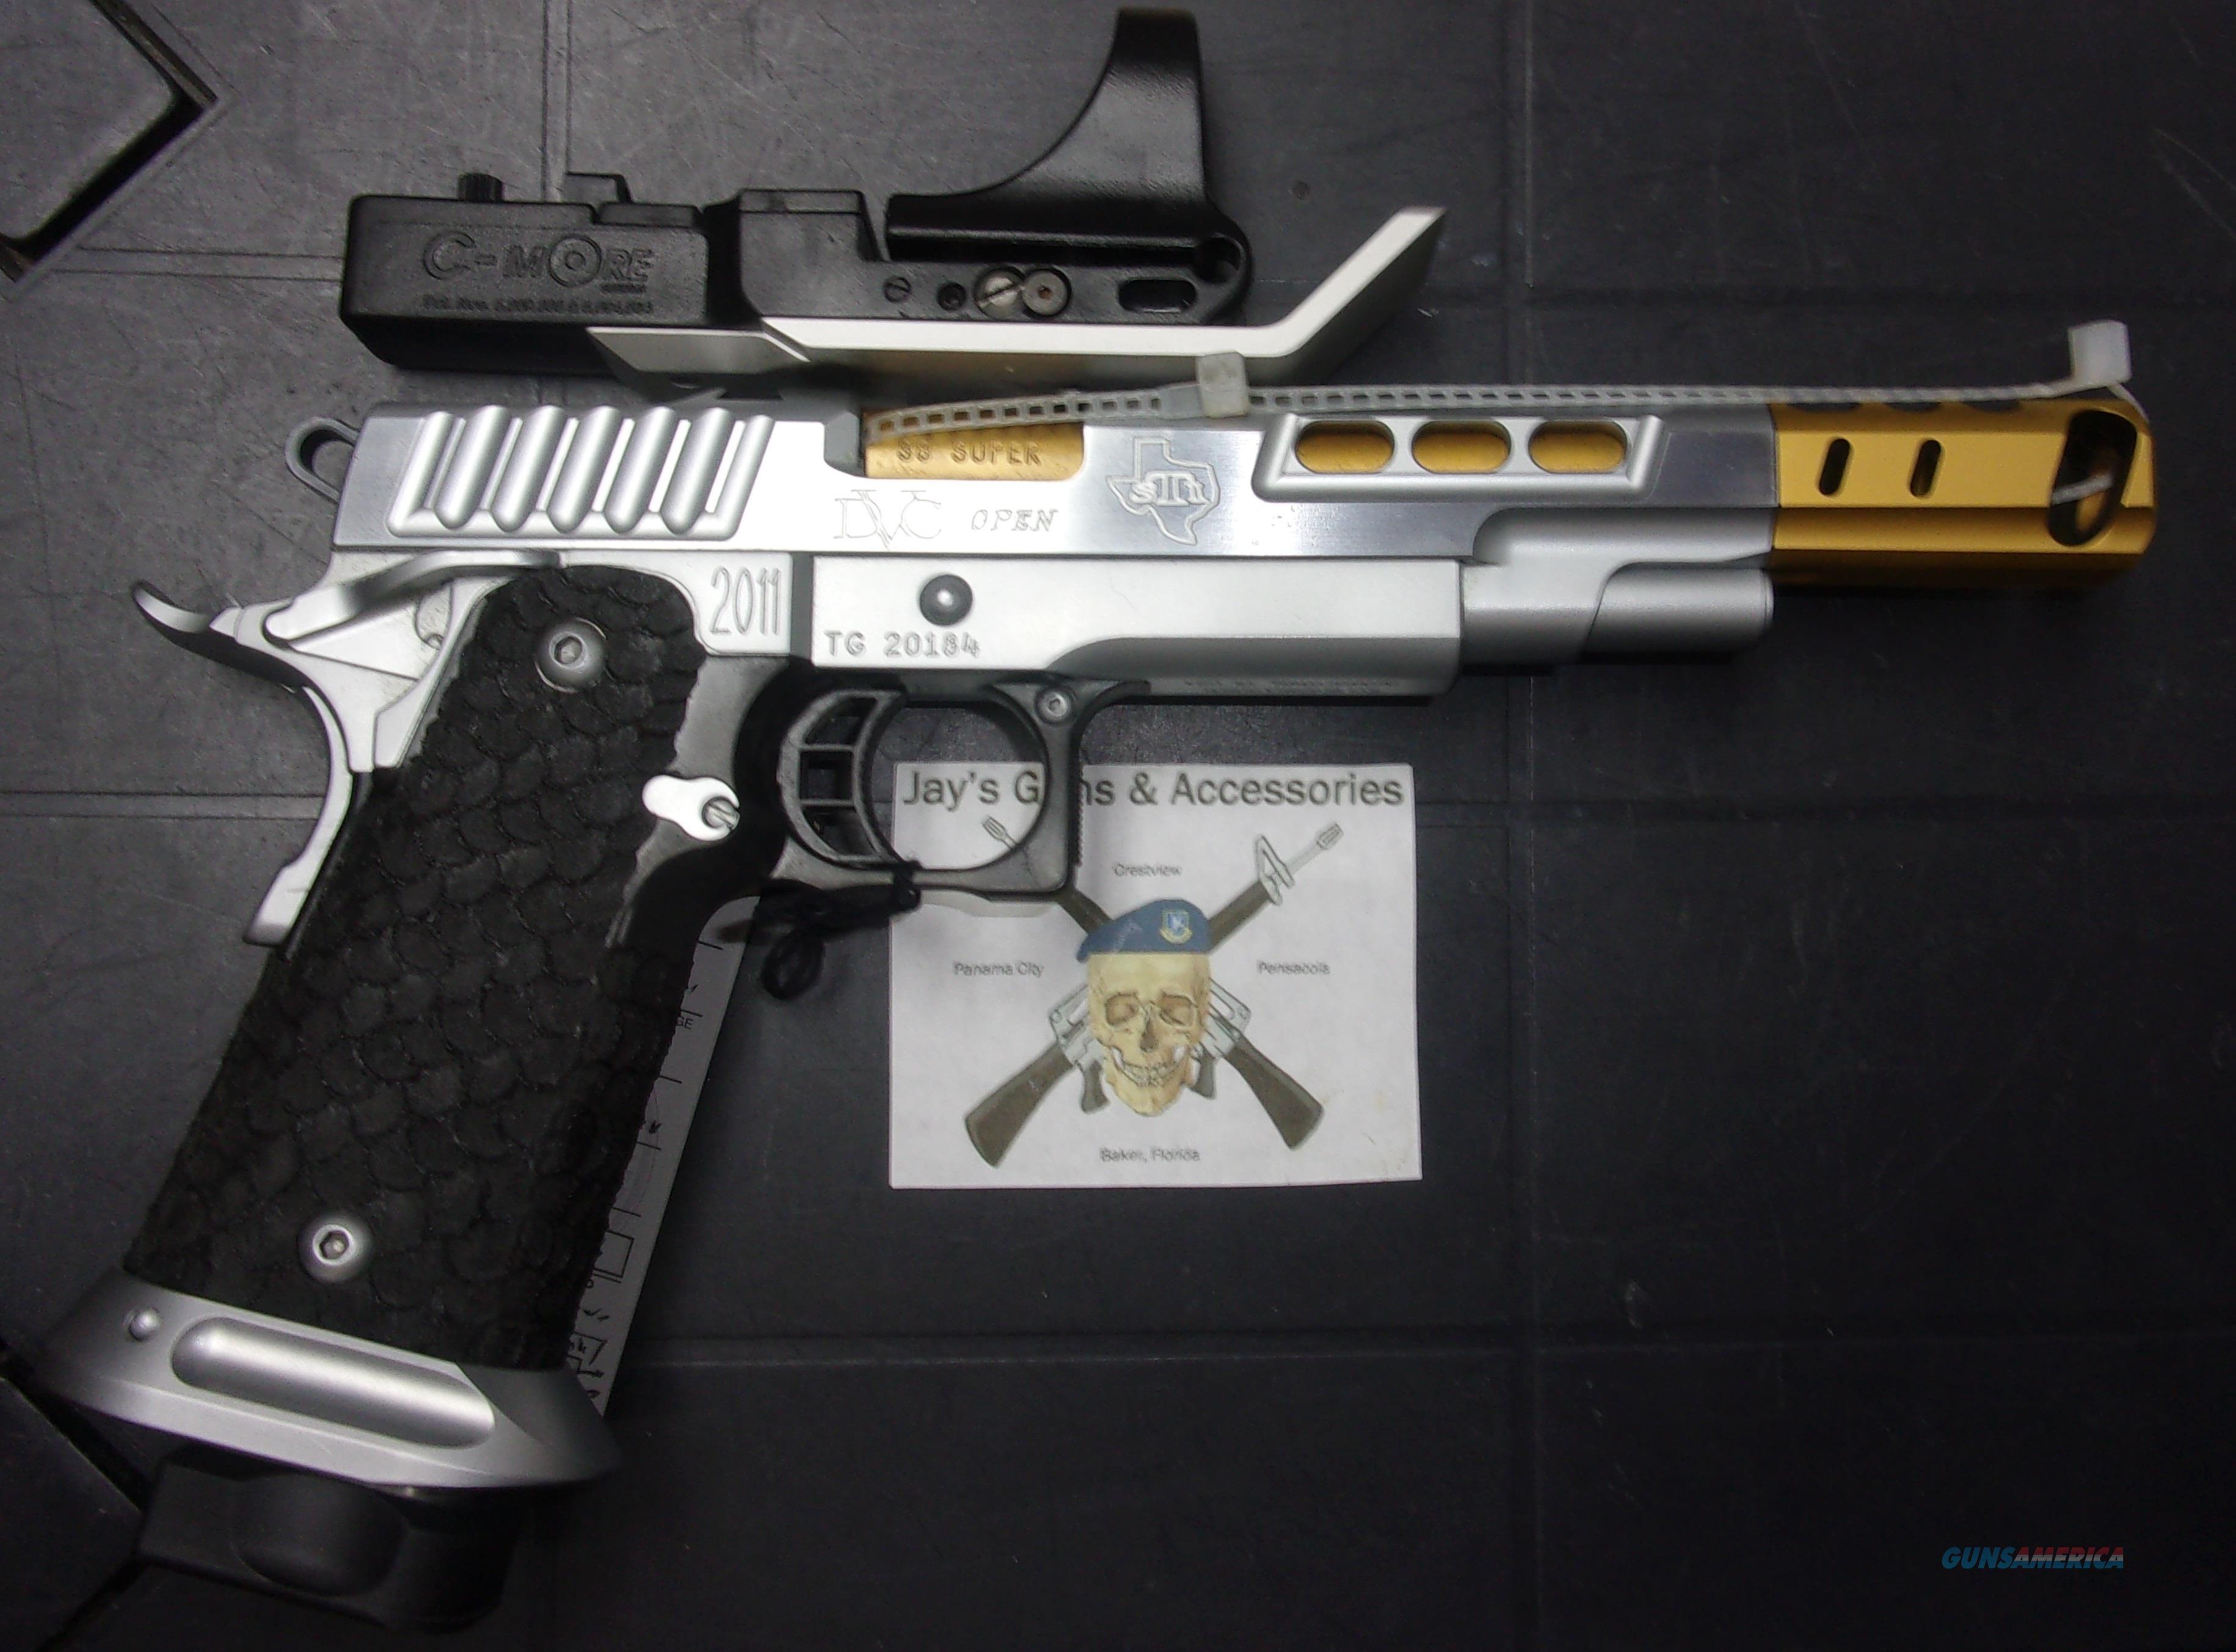 STI 2011 DVC Open w/Red Dot  Guns > Pistols > STI Pistols